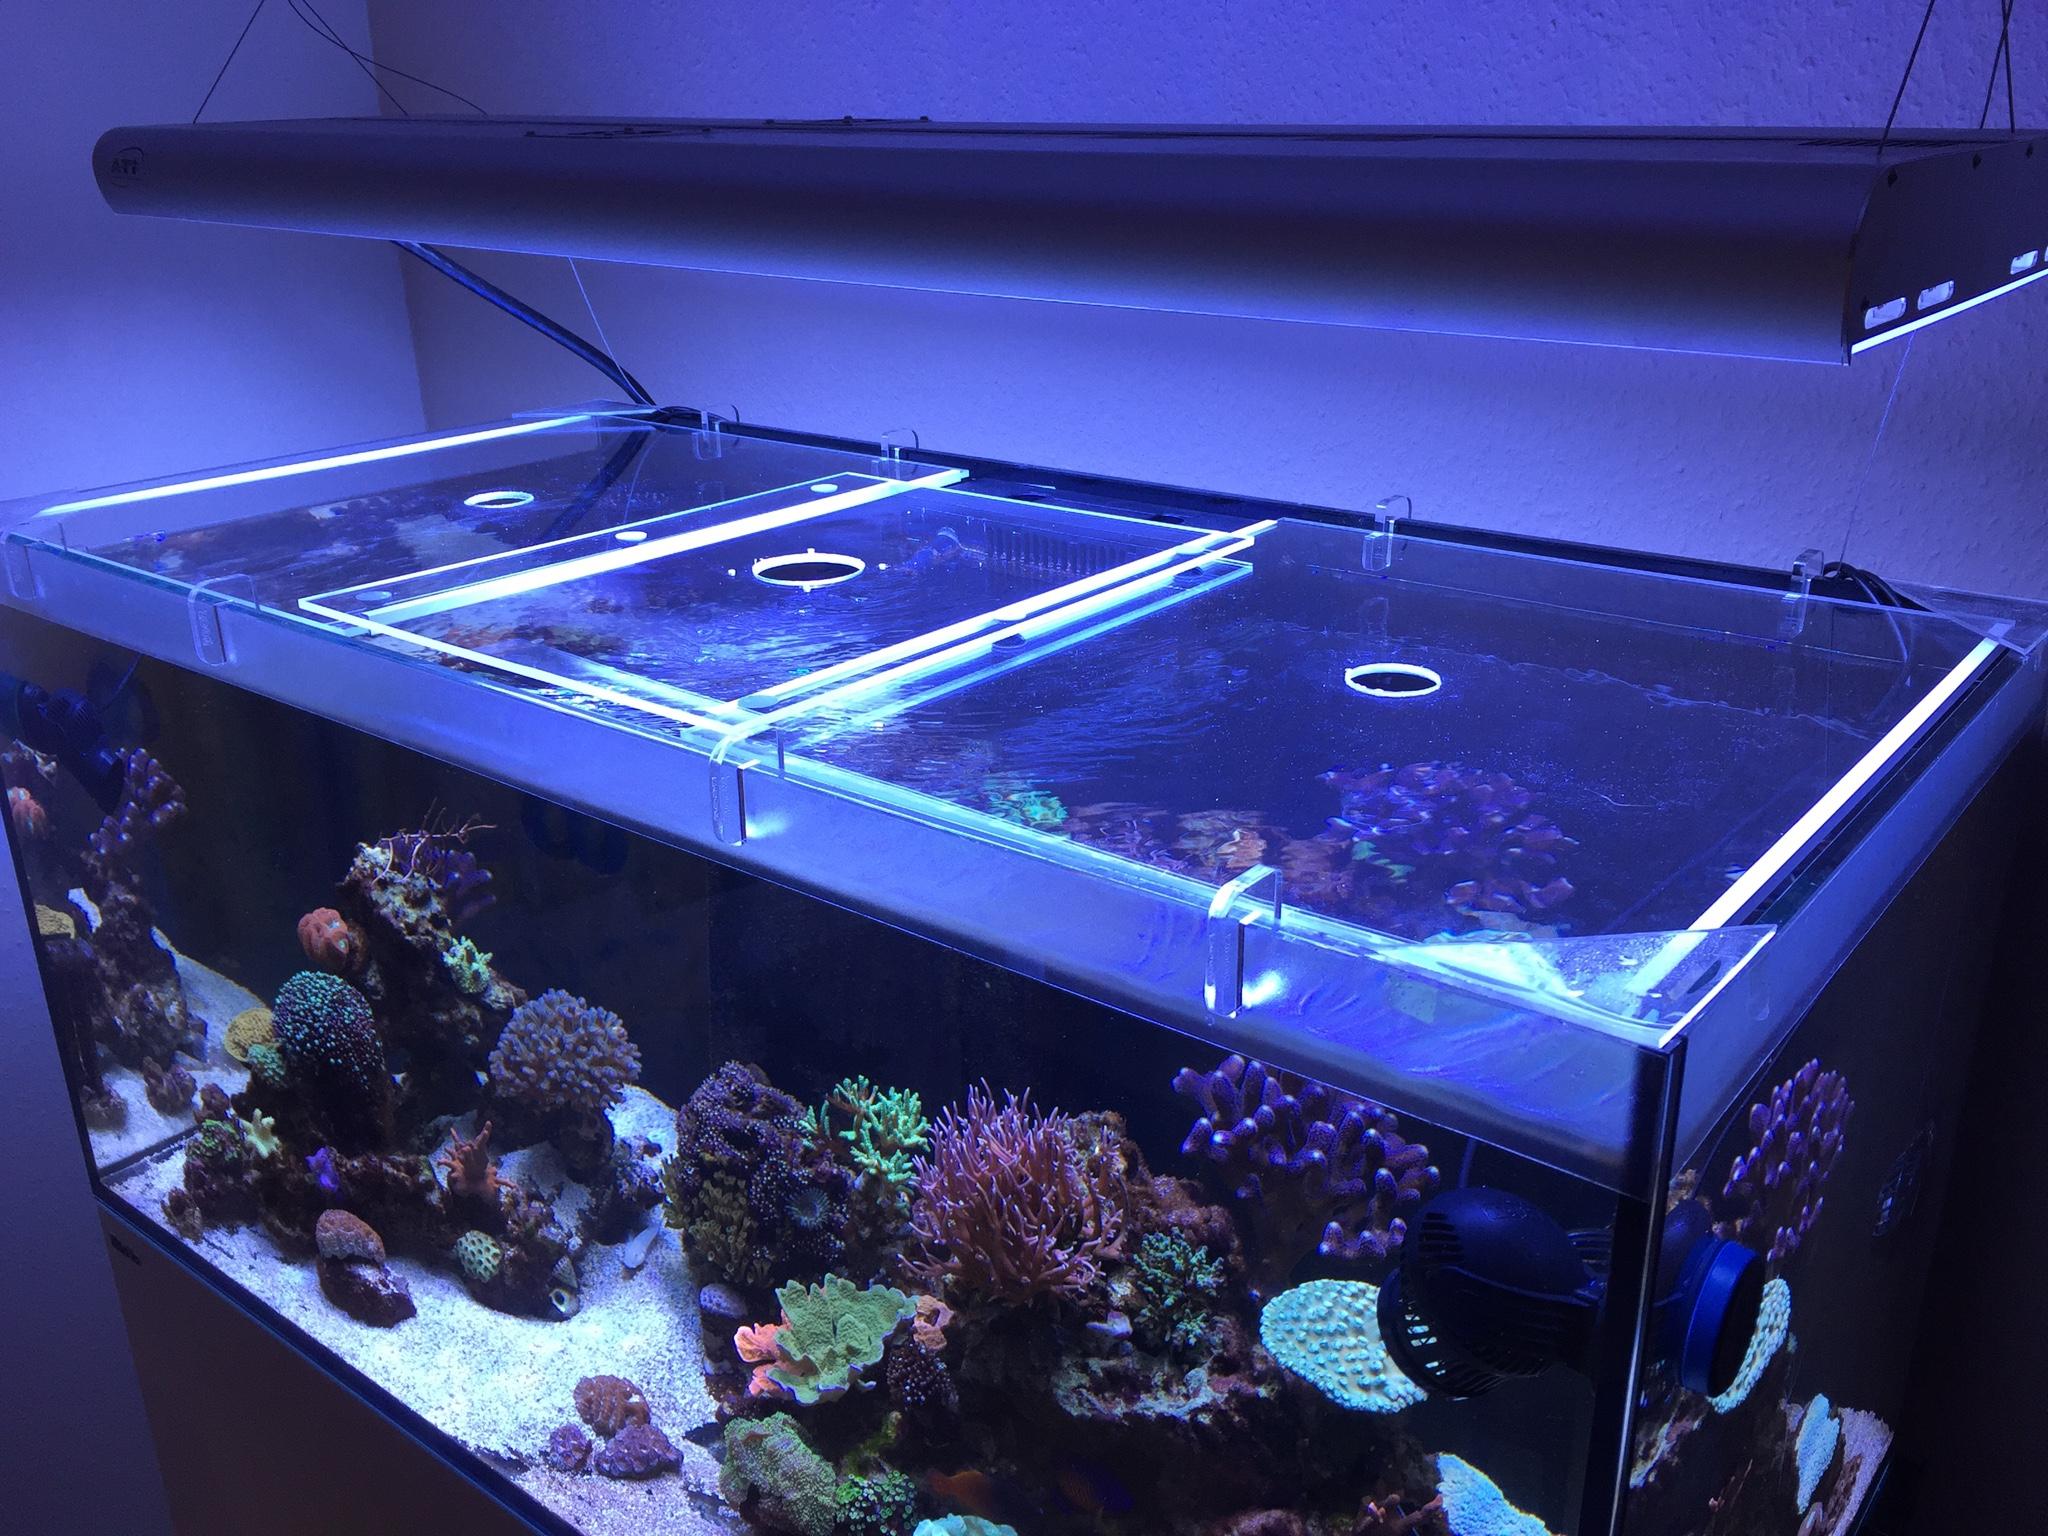 Aquarium Selber Bauen Plexiglas : springschutz reefer 250 deluxe reefer 250 dein meerwasser forum f r nanoriffe ~ Watch28wear.com Haus und Dekorationen